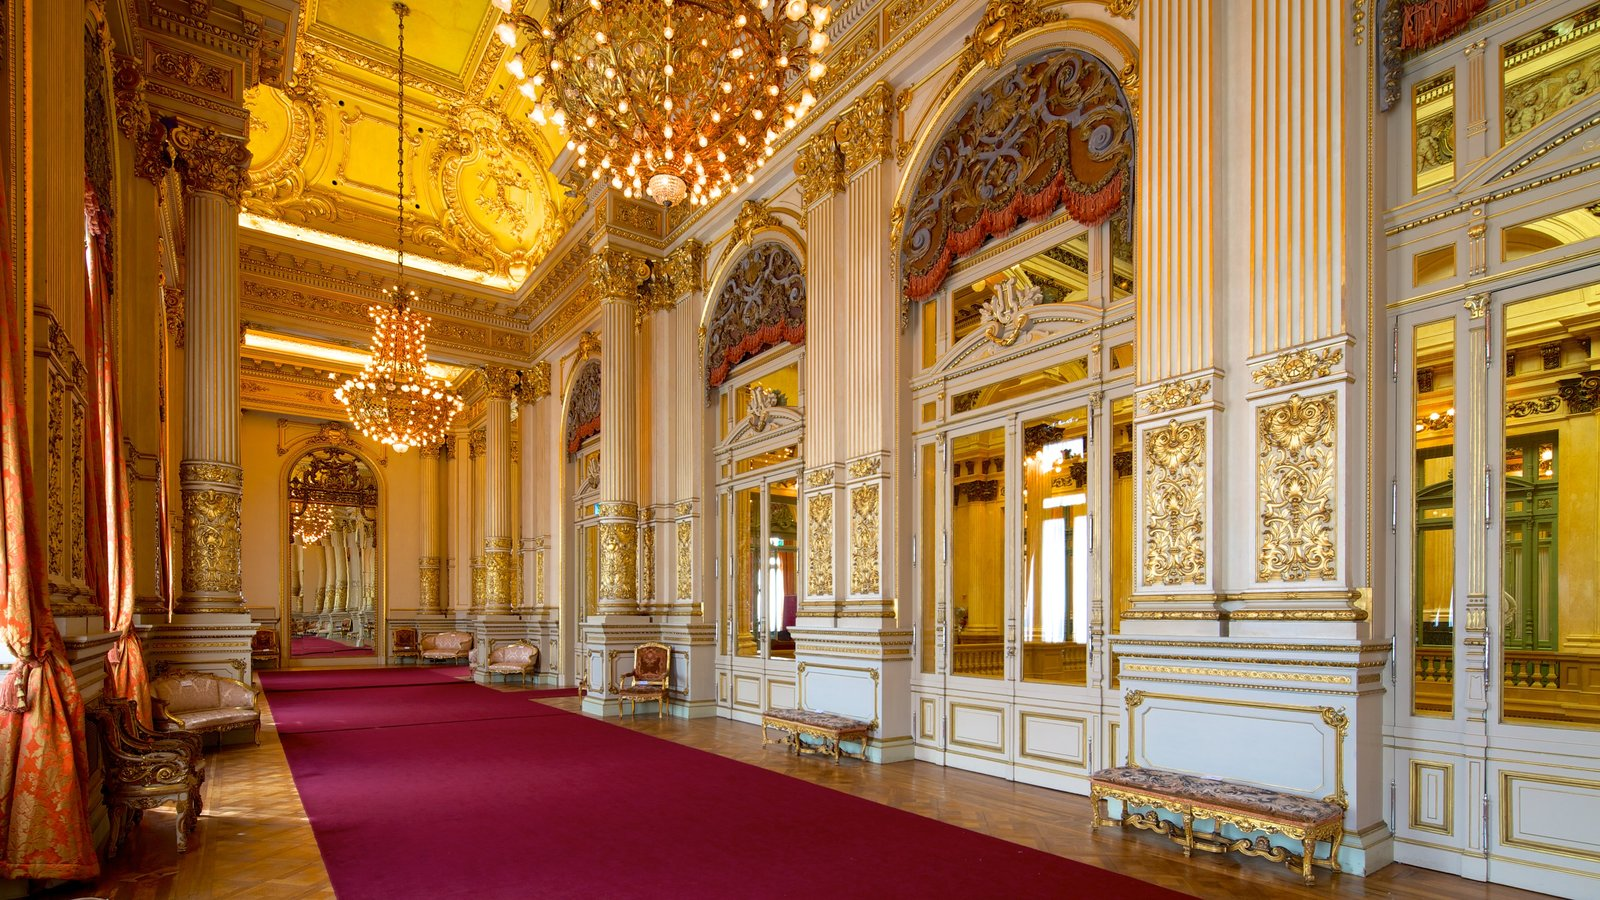 Teatro Colón inclusief interieur en theaters